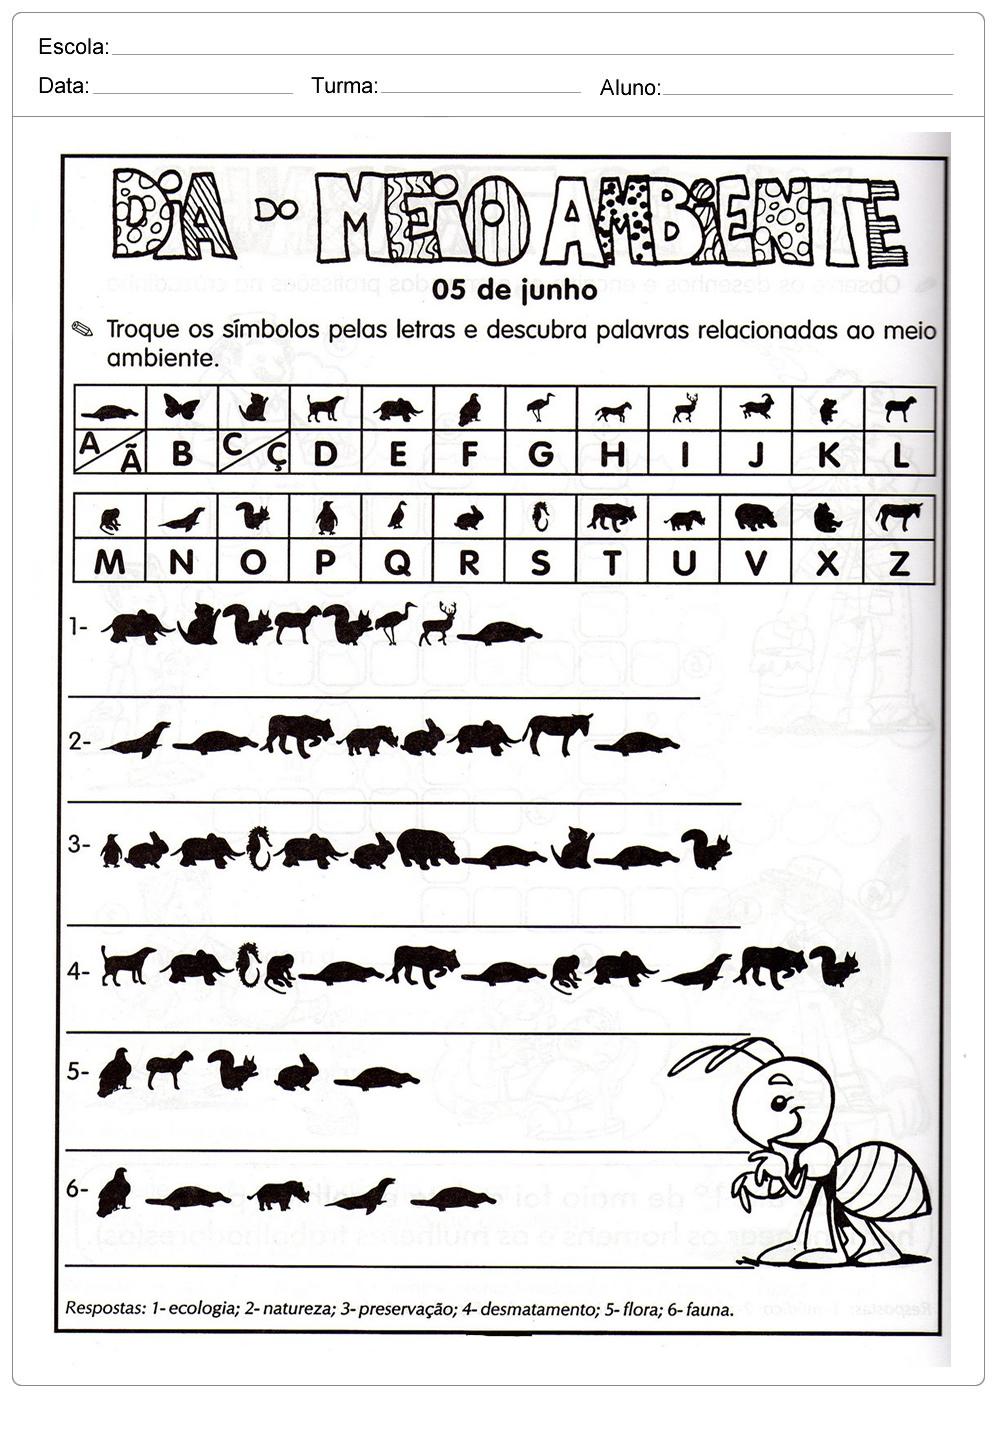 Atividades sobre meio ambiente para educação infantil – Troque os símbolos